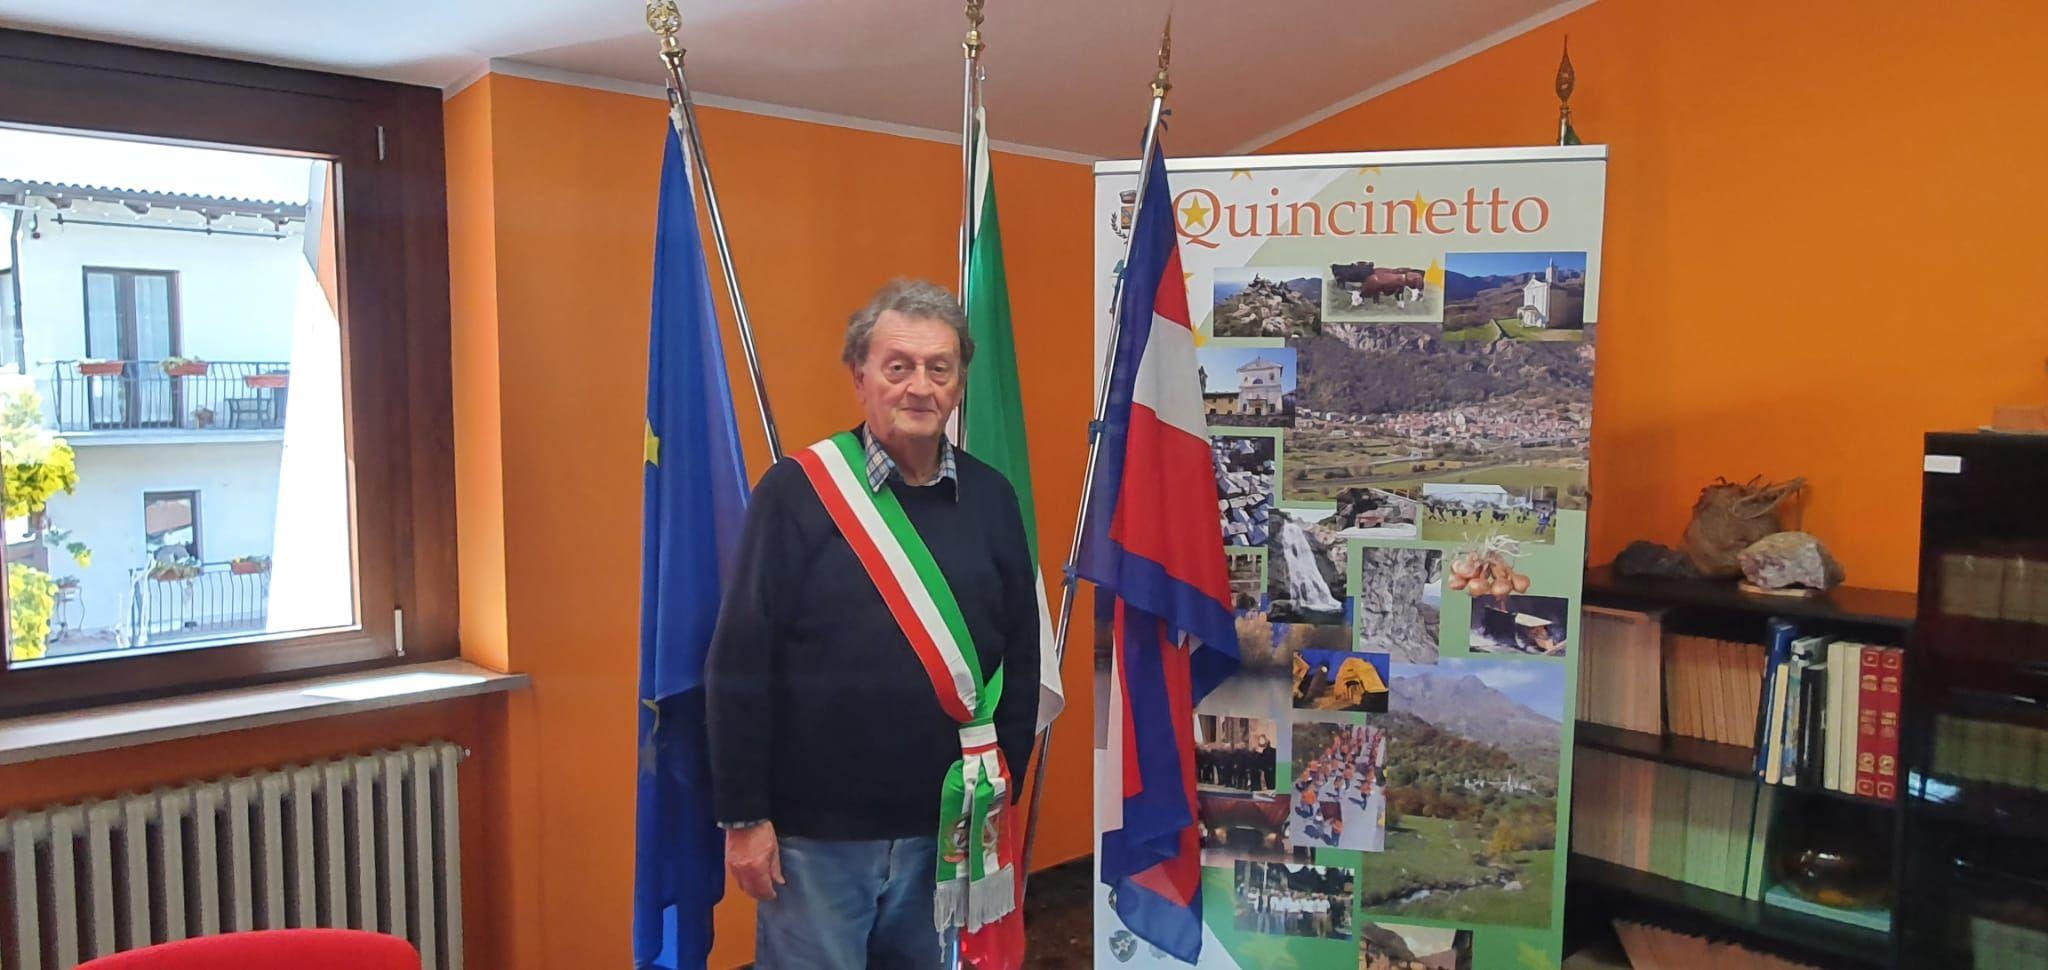 QUINCINETTO - Il Comune aderisce alla Giornata della Gentilezza ai Nuovi Nati